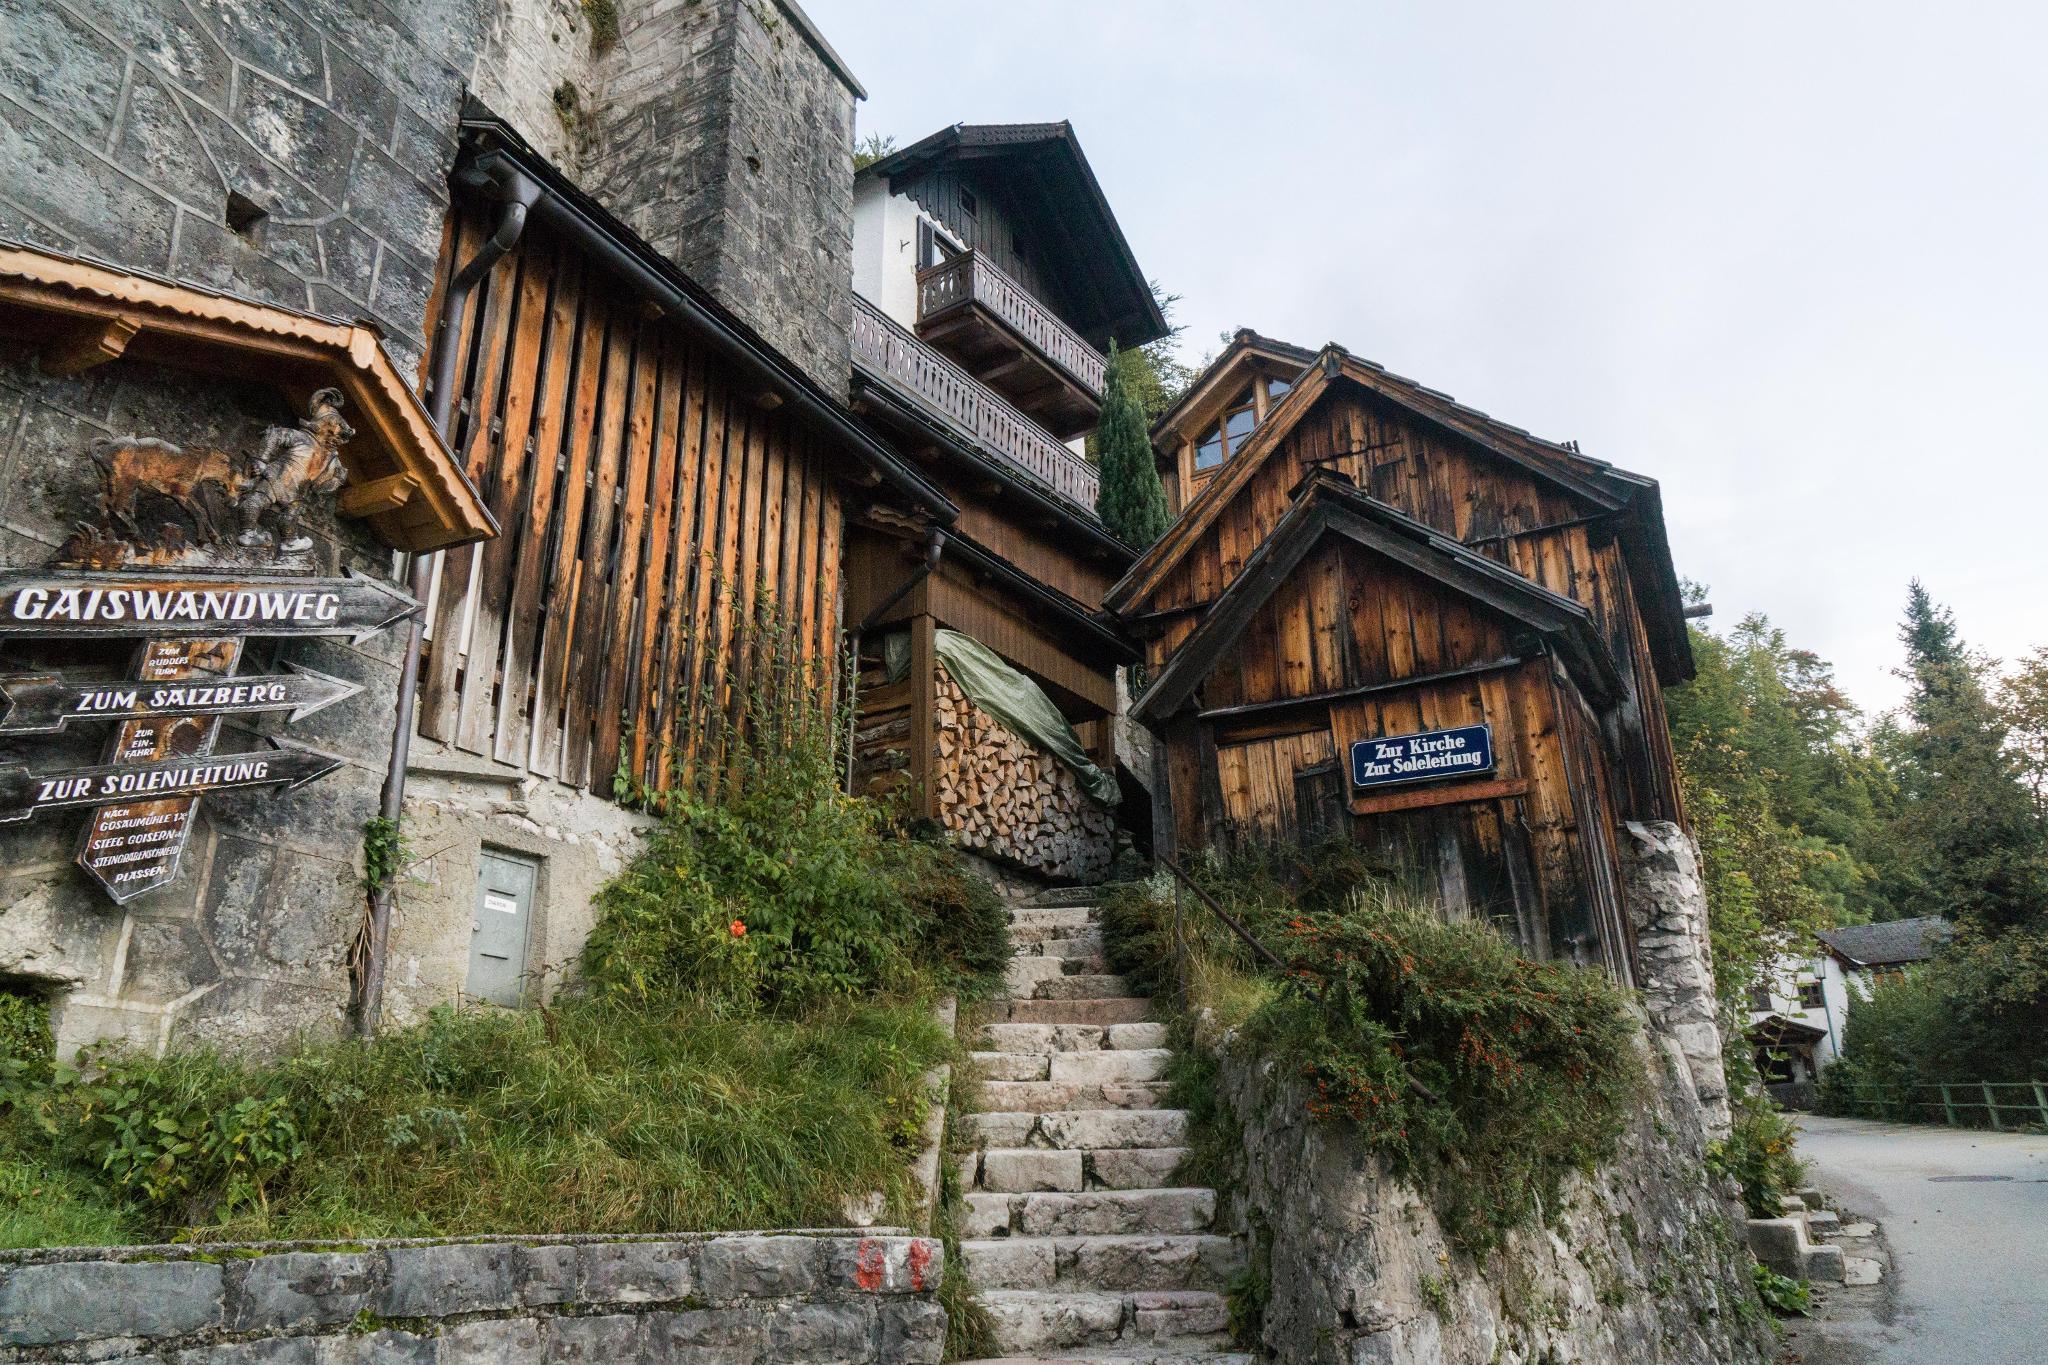 【奧地利】童話仙境 Hallstatt 哈修塔特 — 追逐世界遺產小鎮的夢幻黃金日出 13